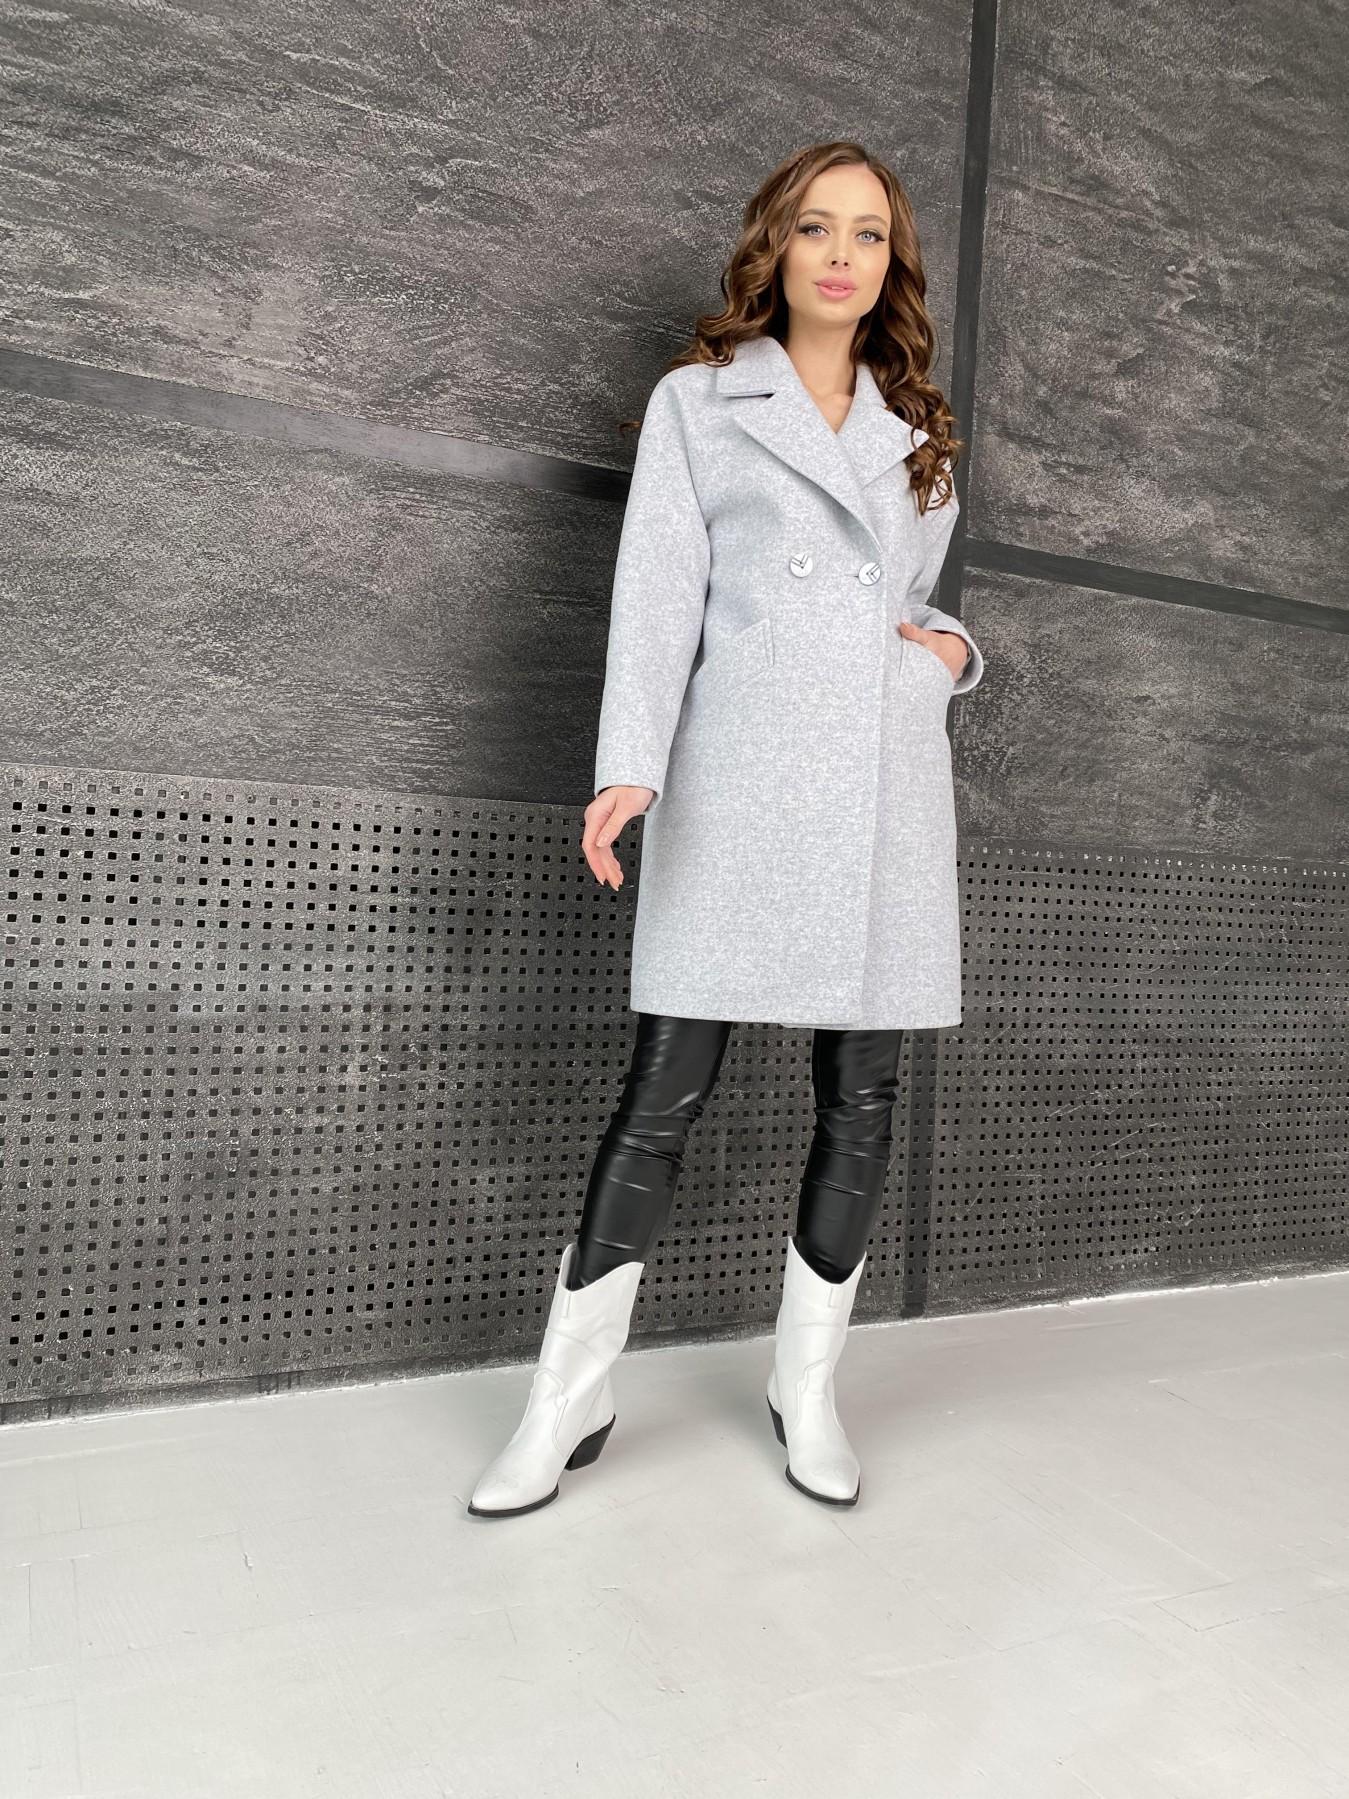 Сенсей пальто из кашемира меланж  10745 АРТ. 47223 Цвет: Серый Светлый 33 - фото 1, интернет магазин tm-modus.ru